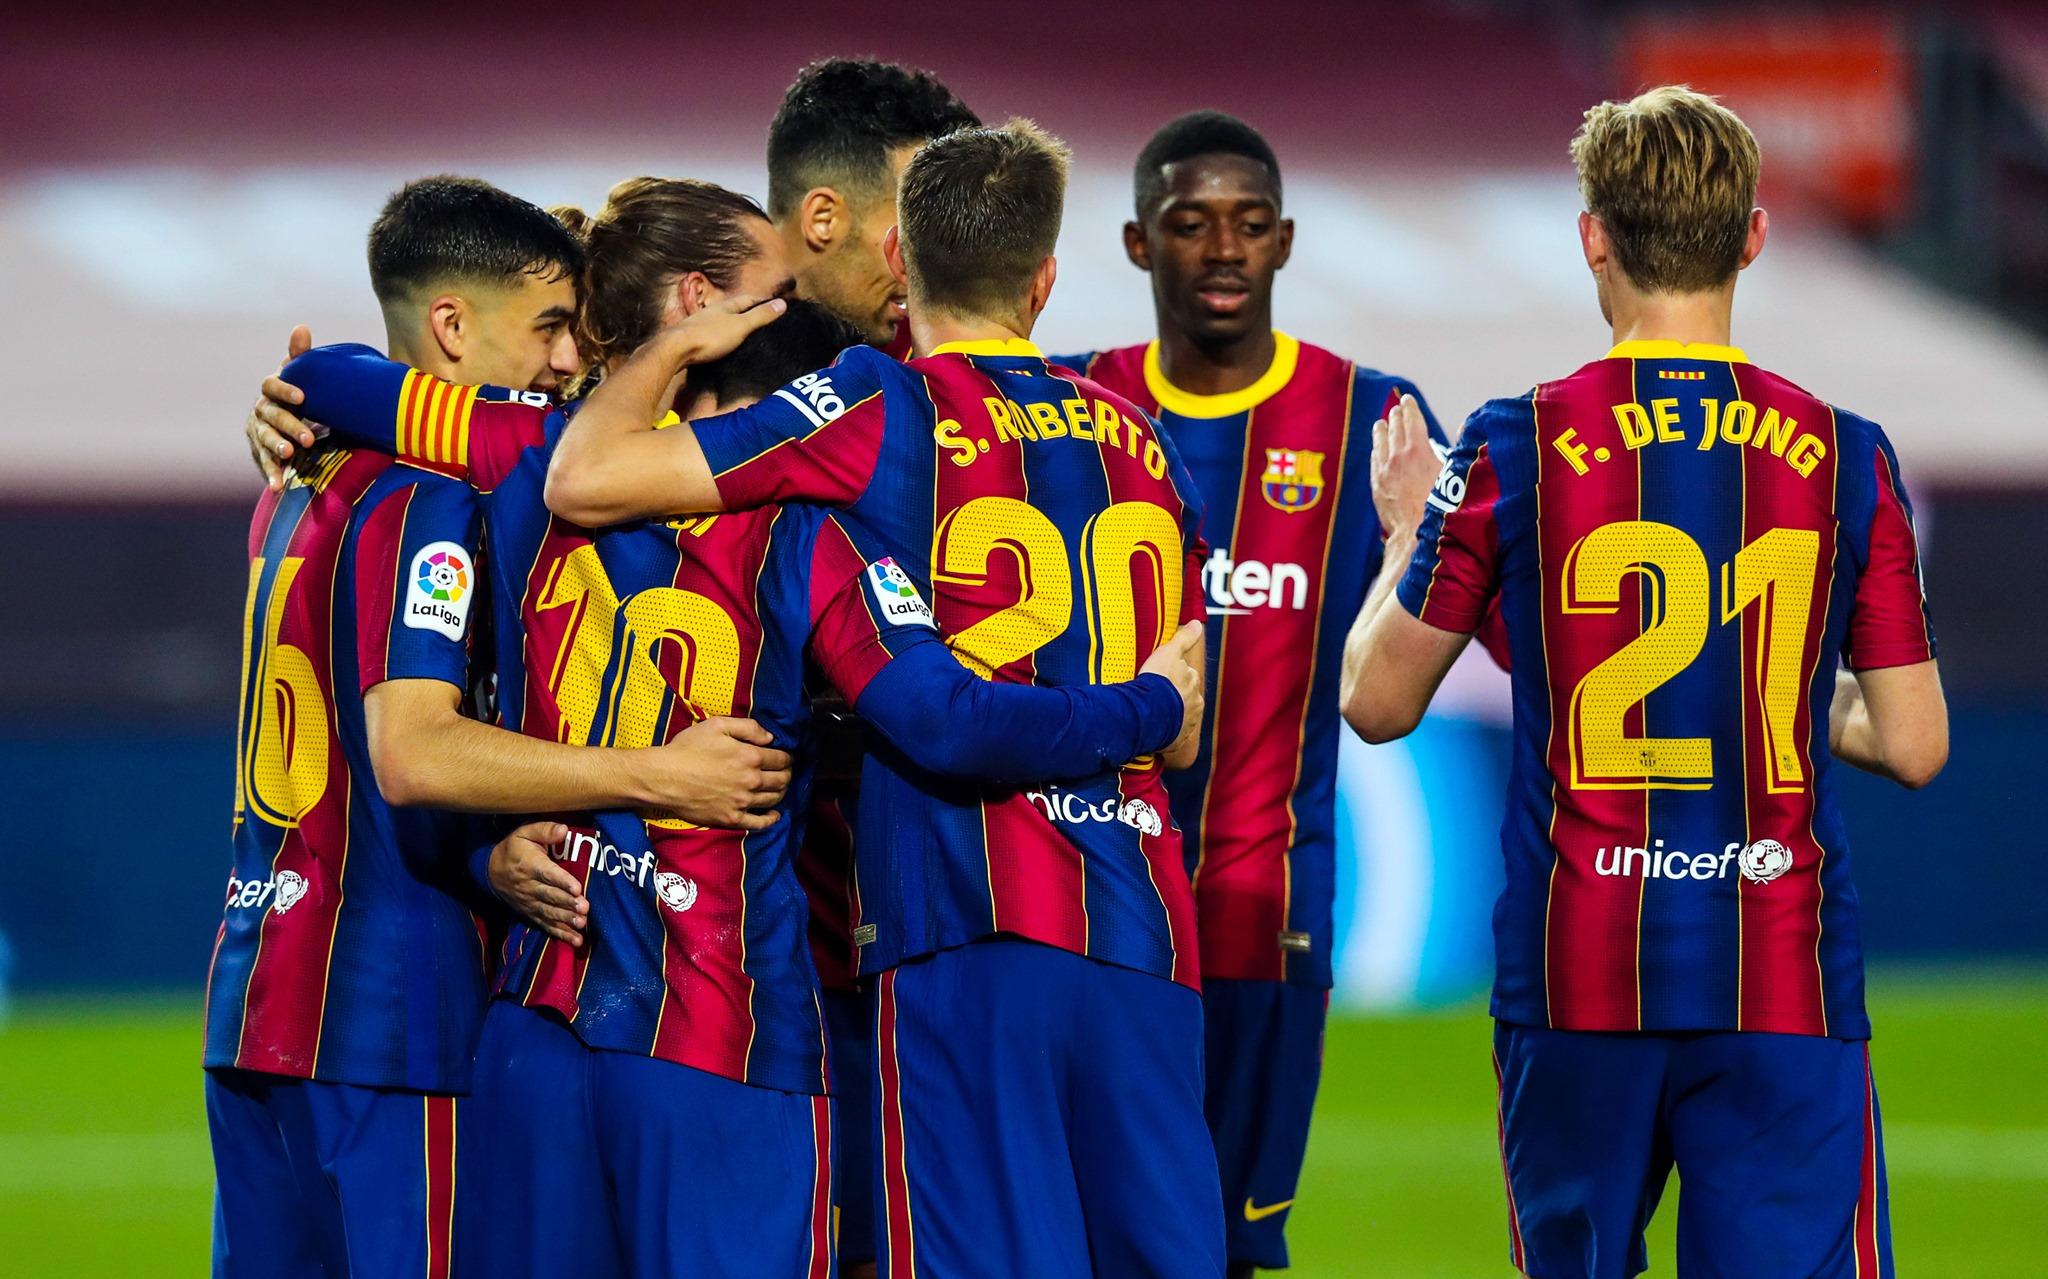 Nuk i përgjigjet propozimit për rinovim, Barça në alarm për kampionin e Botës